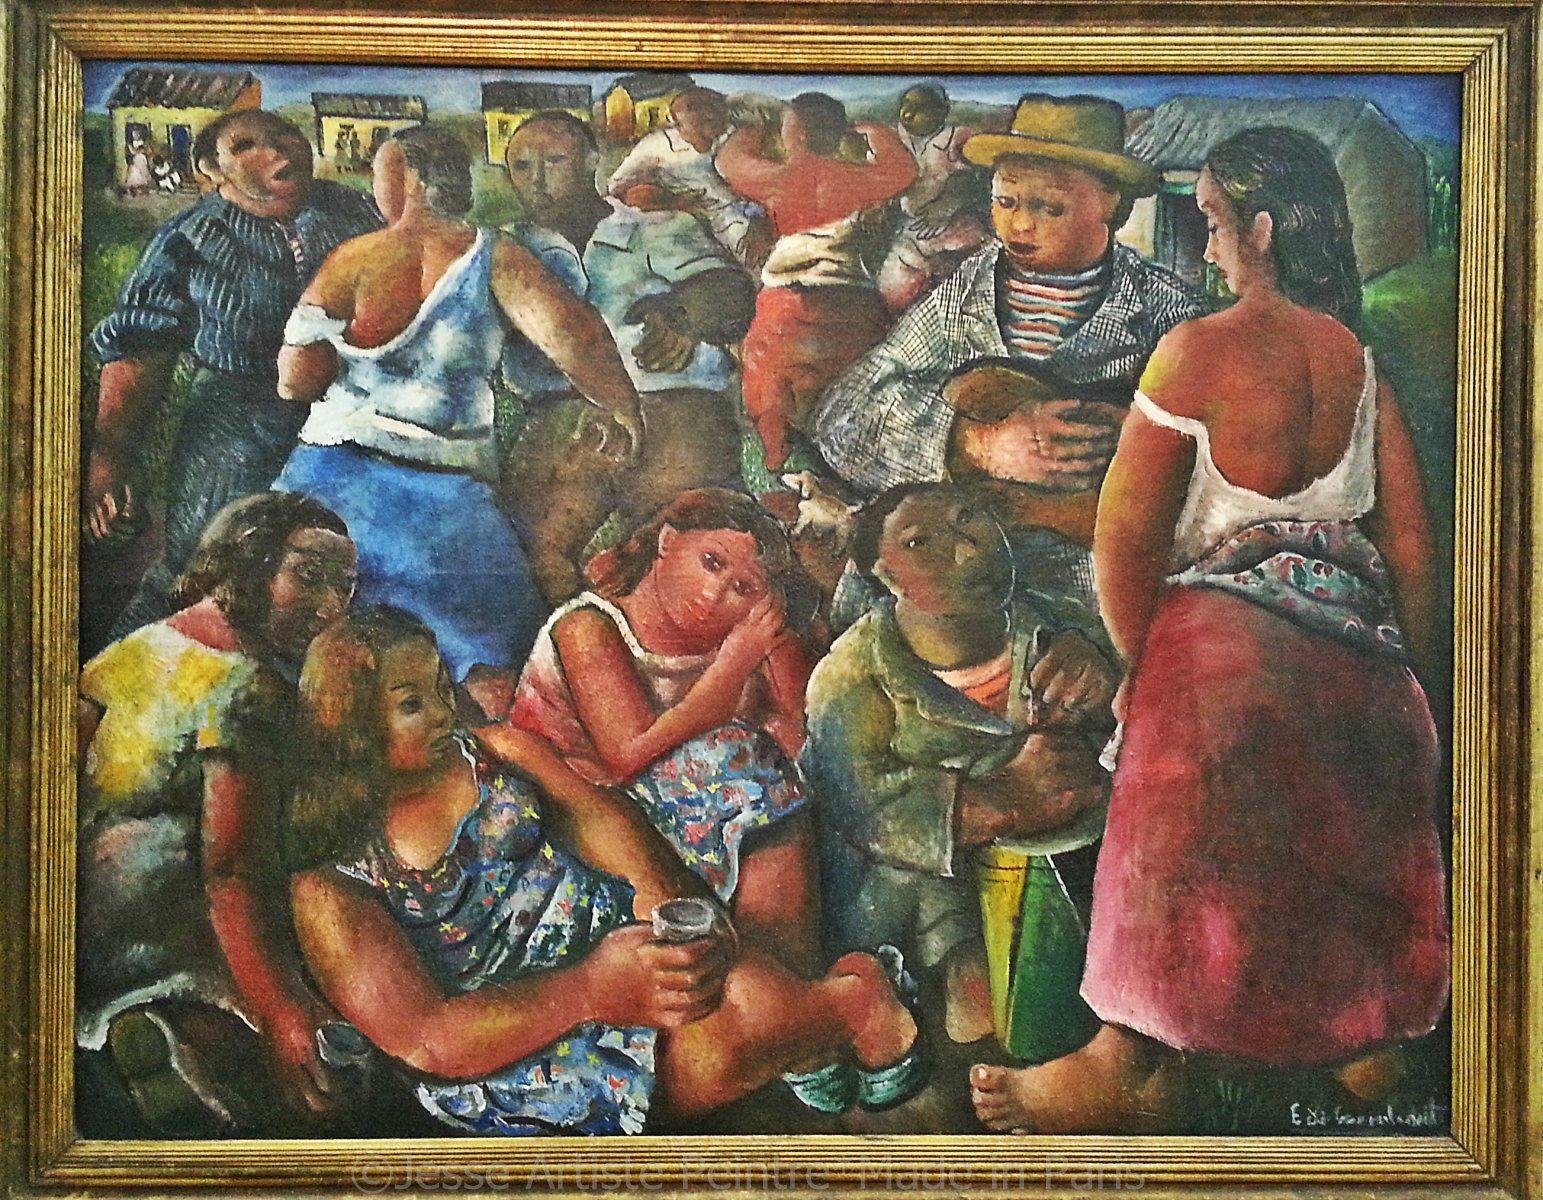 di-cavalcanti-danse-populaire-brc3a9silienne-1937.jpg